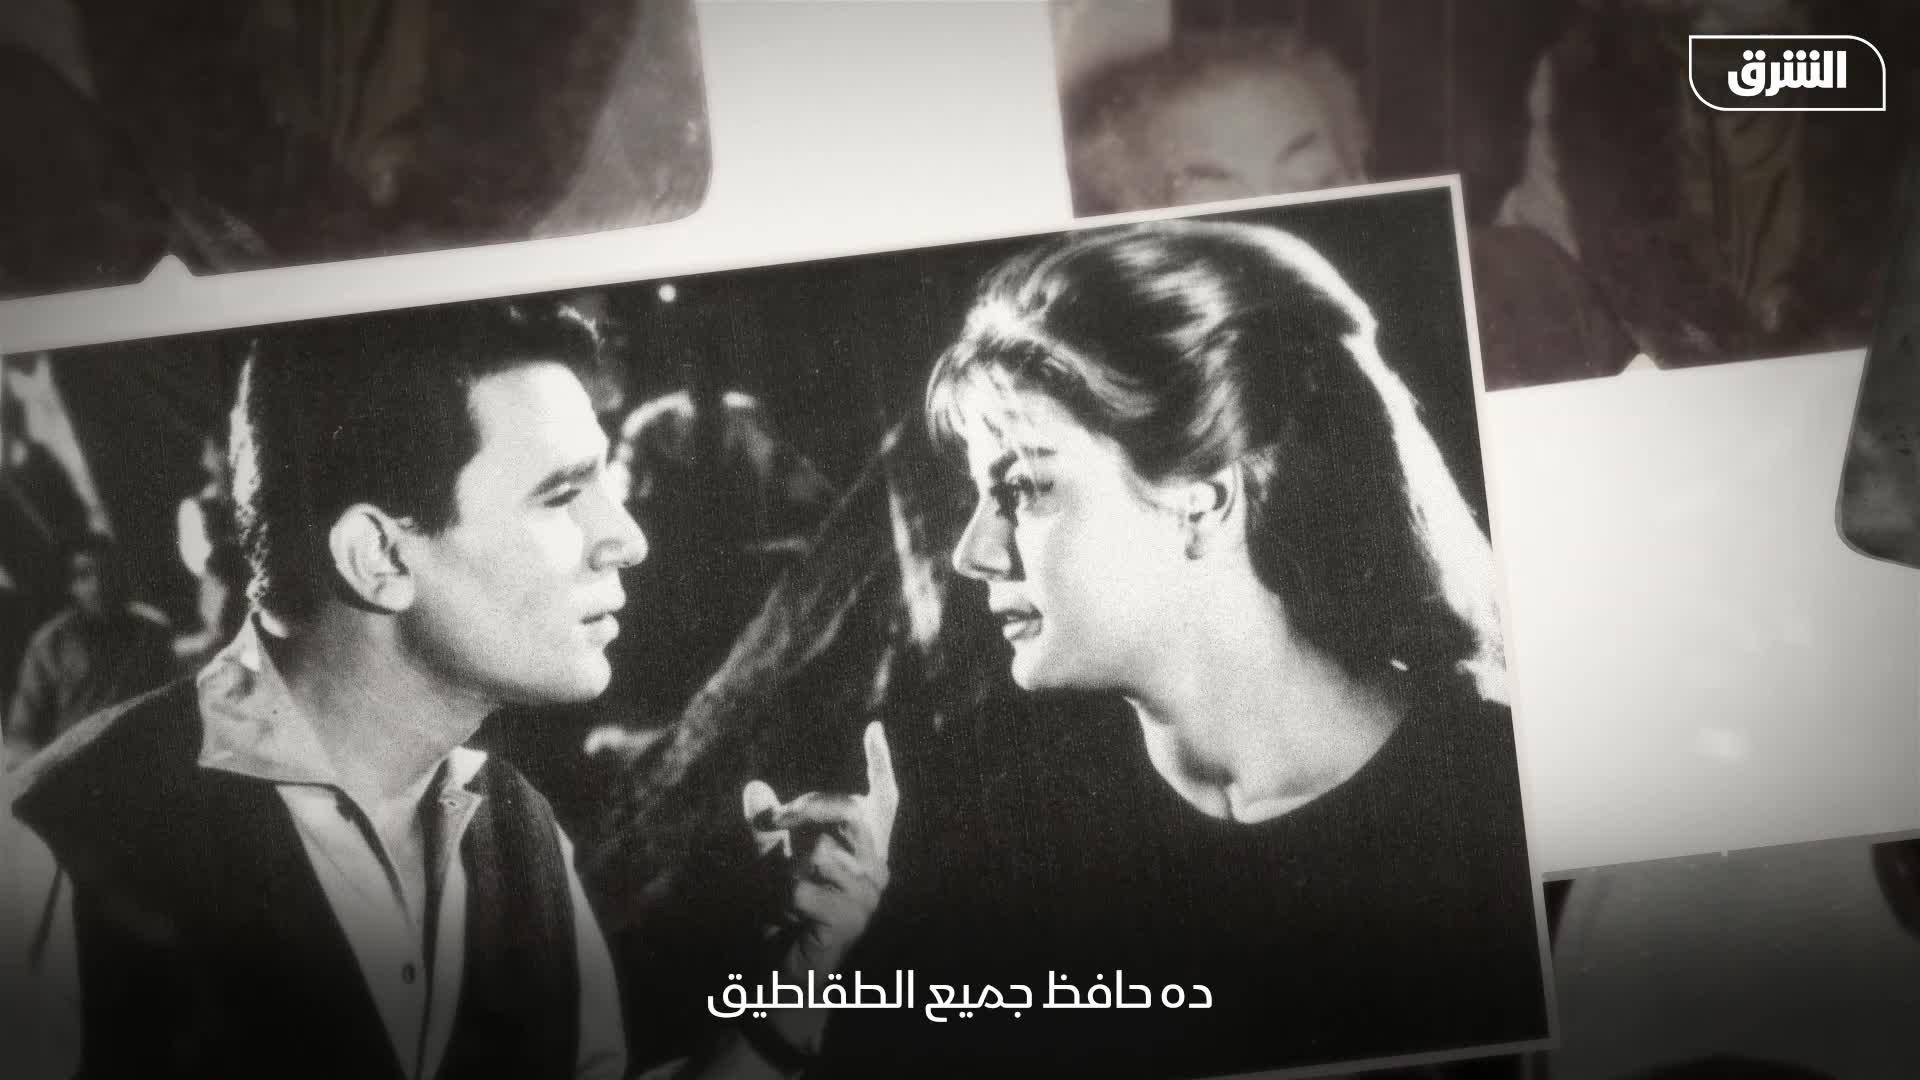 اسمي بولا - مذكرات الفنانة نادية لطفي- ح7